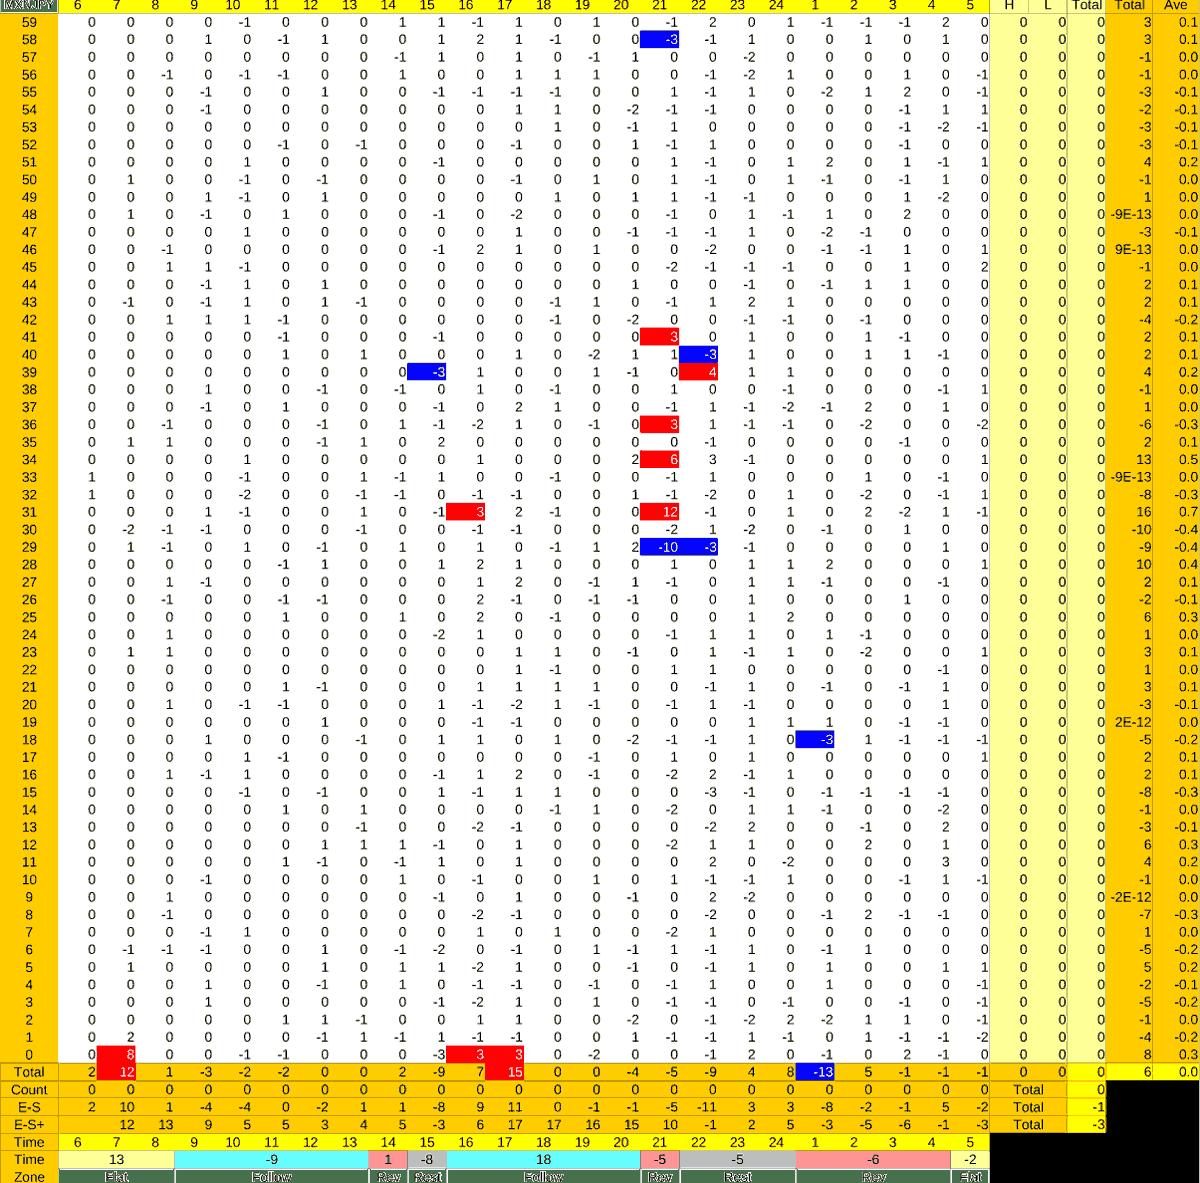 20210817_HS(3)MXNJPY-min